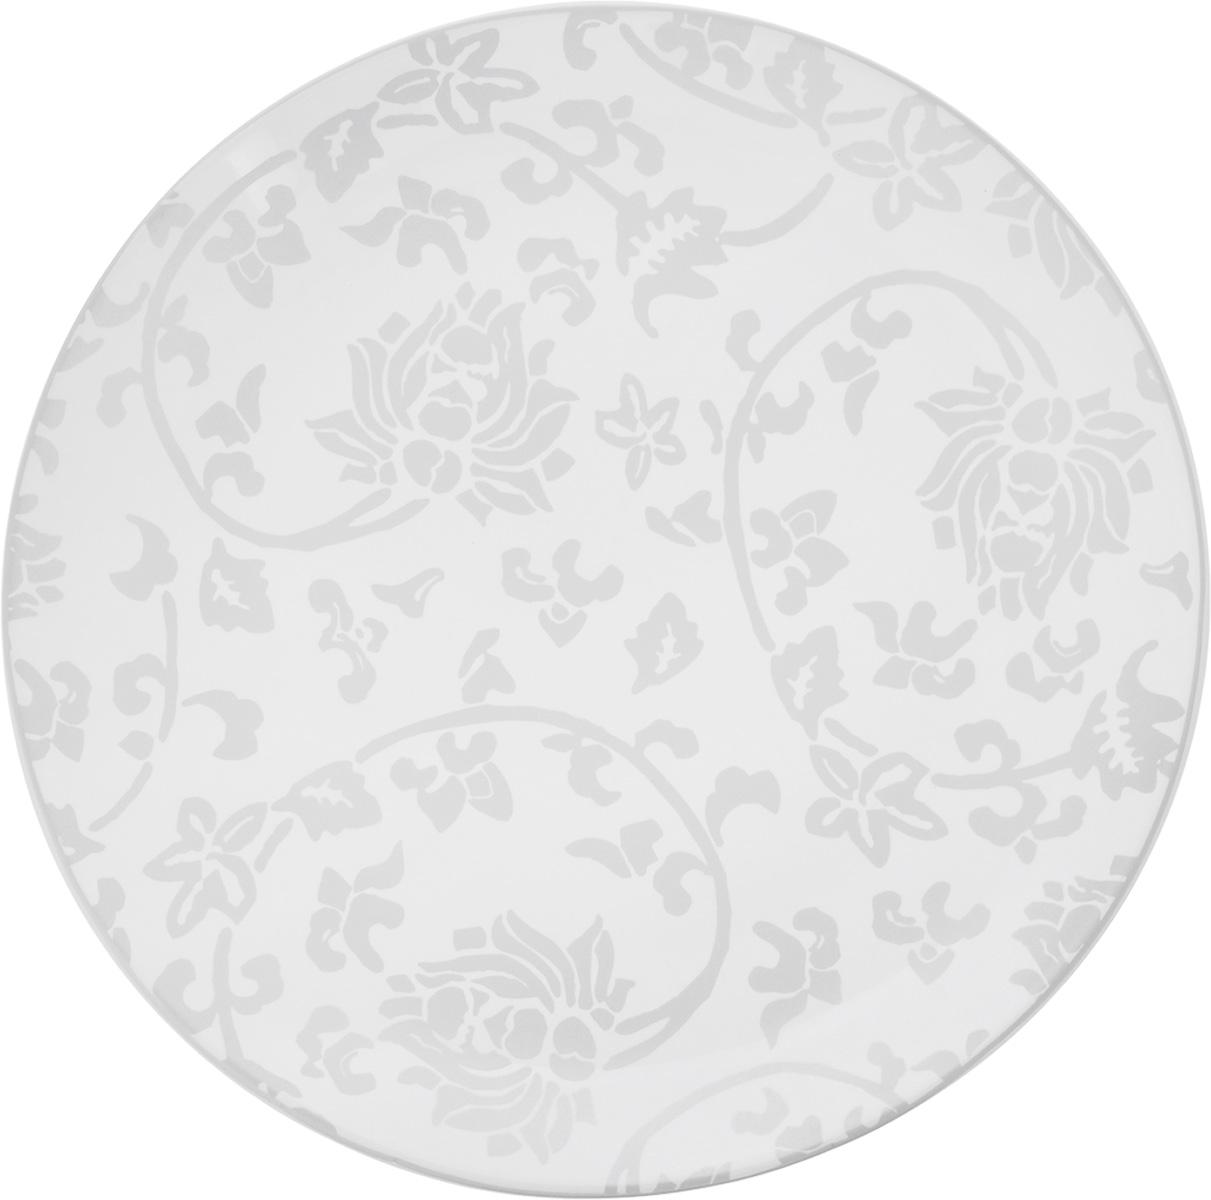 Тарелка обеденная Sango Ceramics Джапан Деним Сильвер, диаметр 26,5 смUTJDS36110Обеденная тарелка Sango Ceramics Джапан Деним Сильвер, изготовленная из высококачественной керамики, имеет изысканный внешний вид. Она идеально подходит для красивой сервировки стола. Изделие прекрасно впишется в интерьер вашей кухни и станет достойным дополнением к кухонному инвентарю. Тарелка Sango Ceramics Джапан Деним Сильвер подчеркнет прекрасный вкус хозяйки и станет отличным подарком. Можно мыть в посудомоечной машине и использовать в микроволновой печи. Диаметр тарелки (по верхнему краю): 26,5 см. Высота тарелки: 3 см.